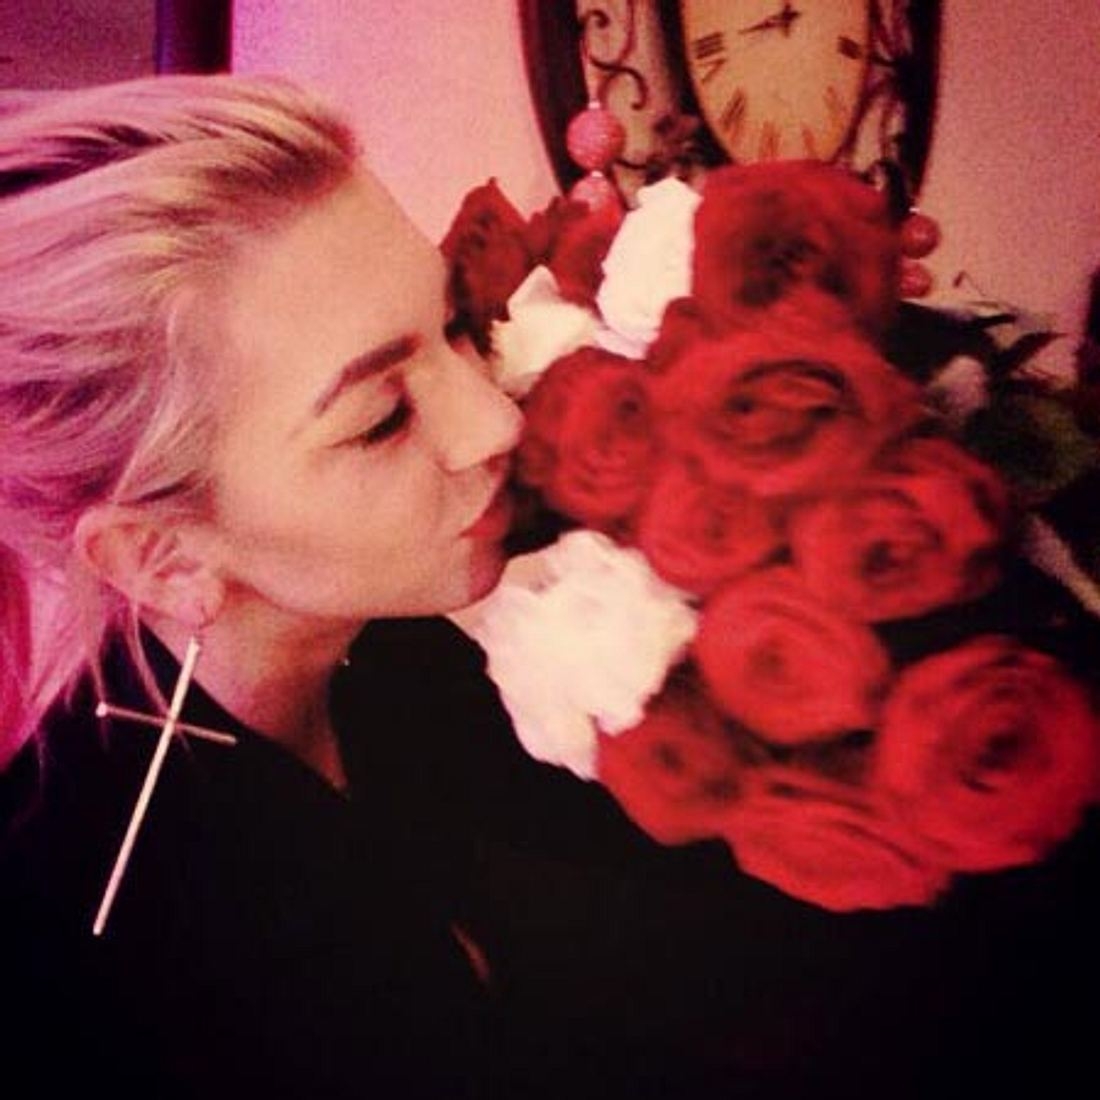 Rosen für Natalia? Von wem sind die denn?